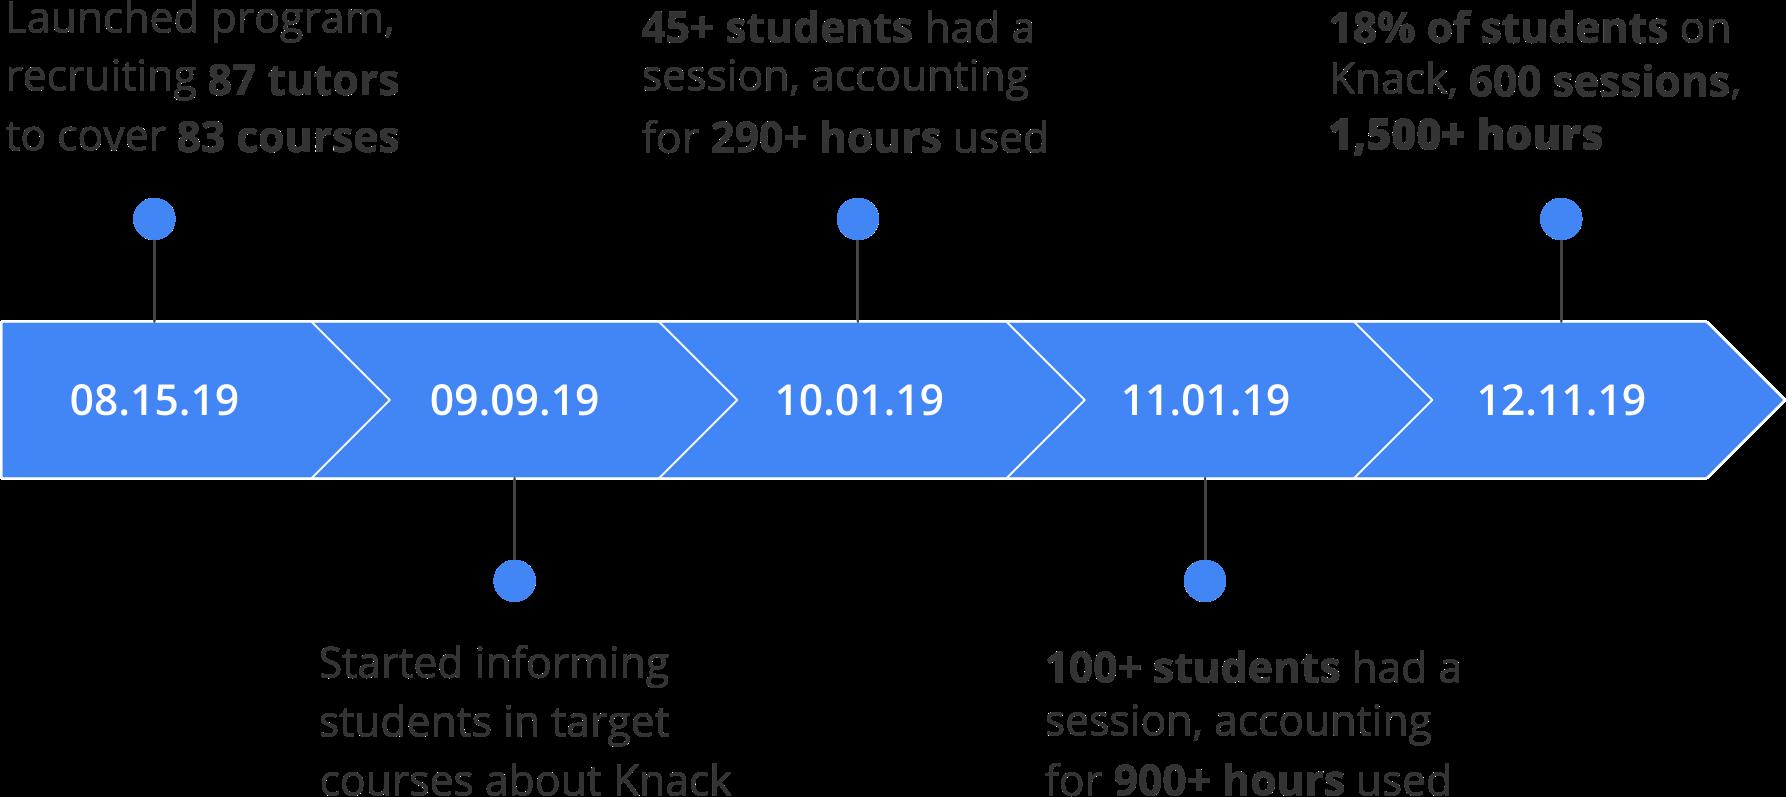 USF Case Study Timeline